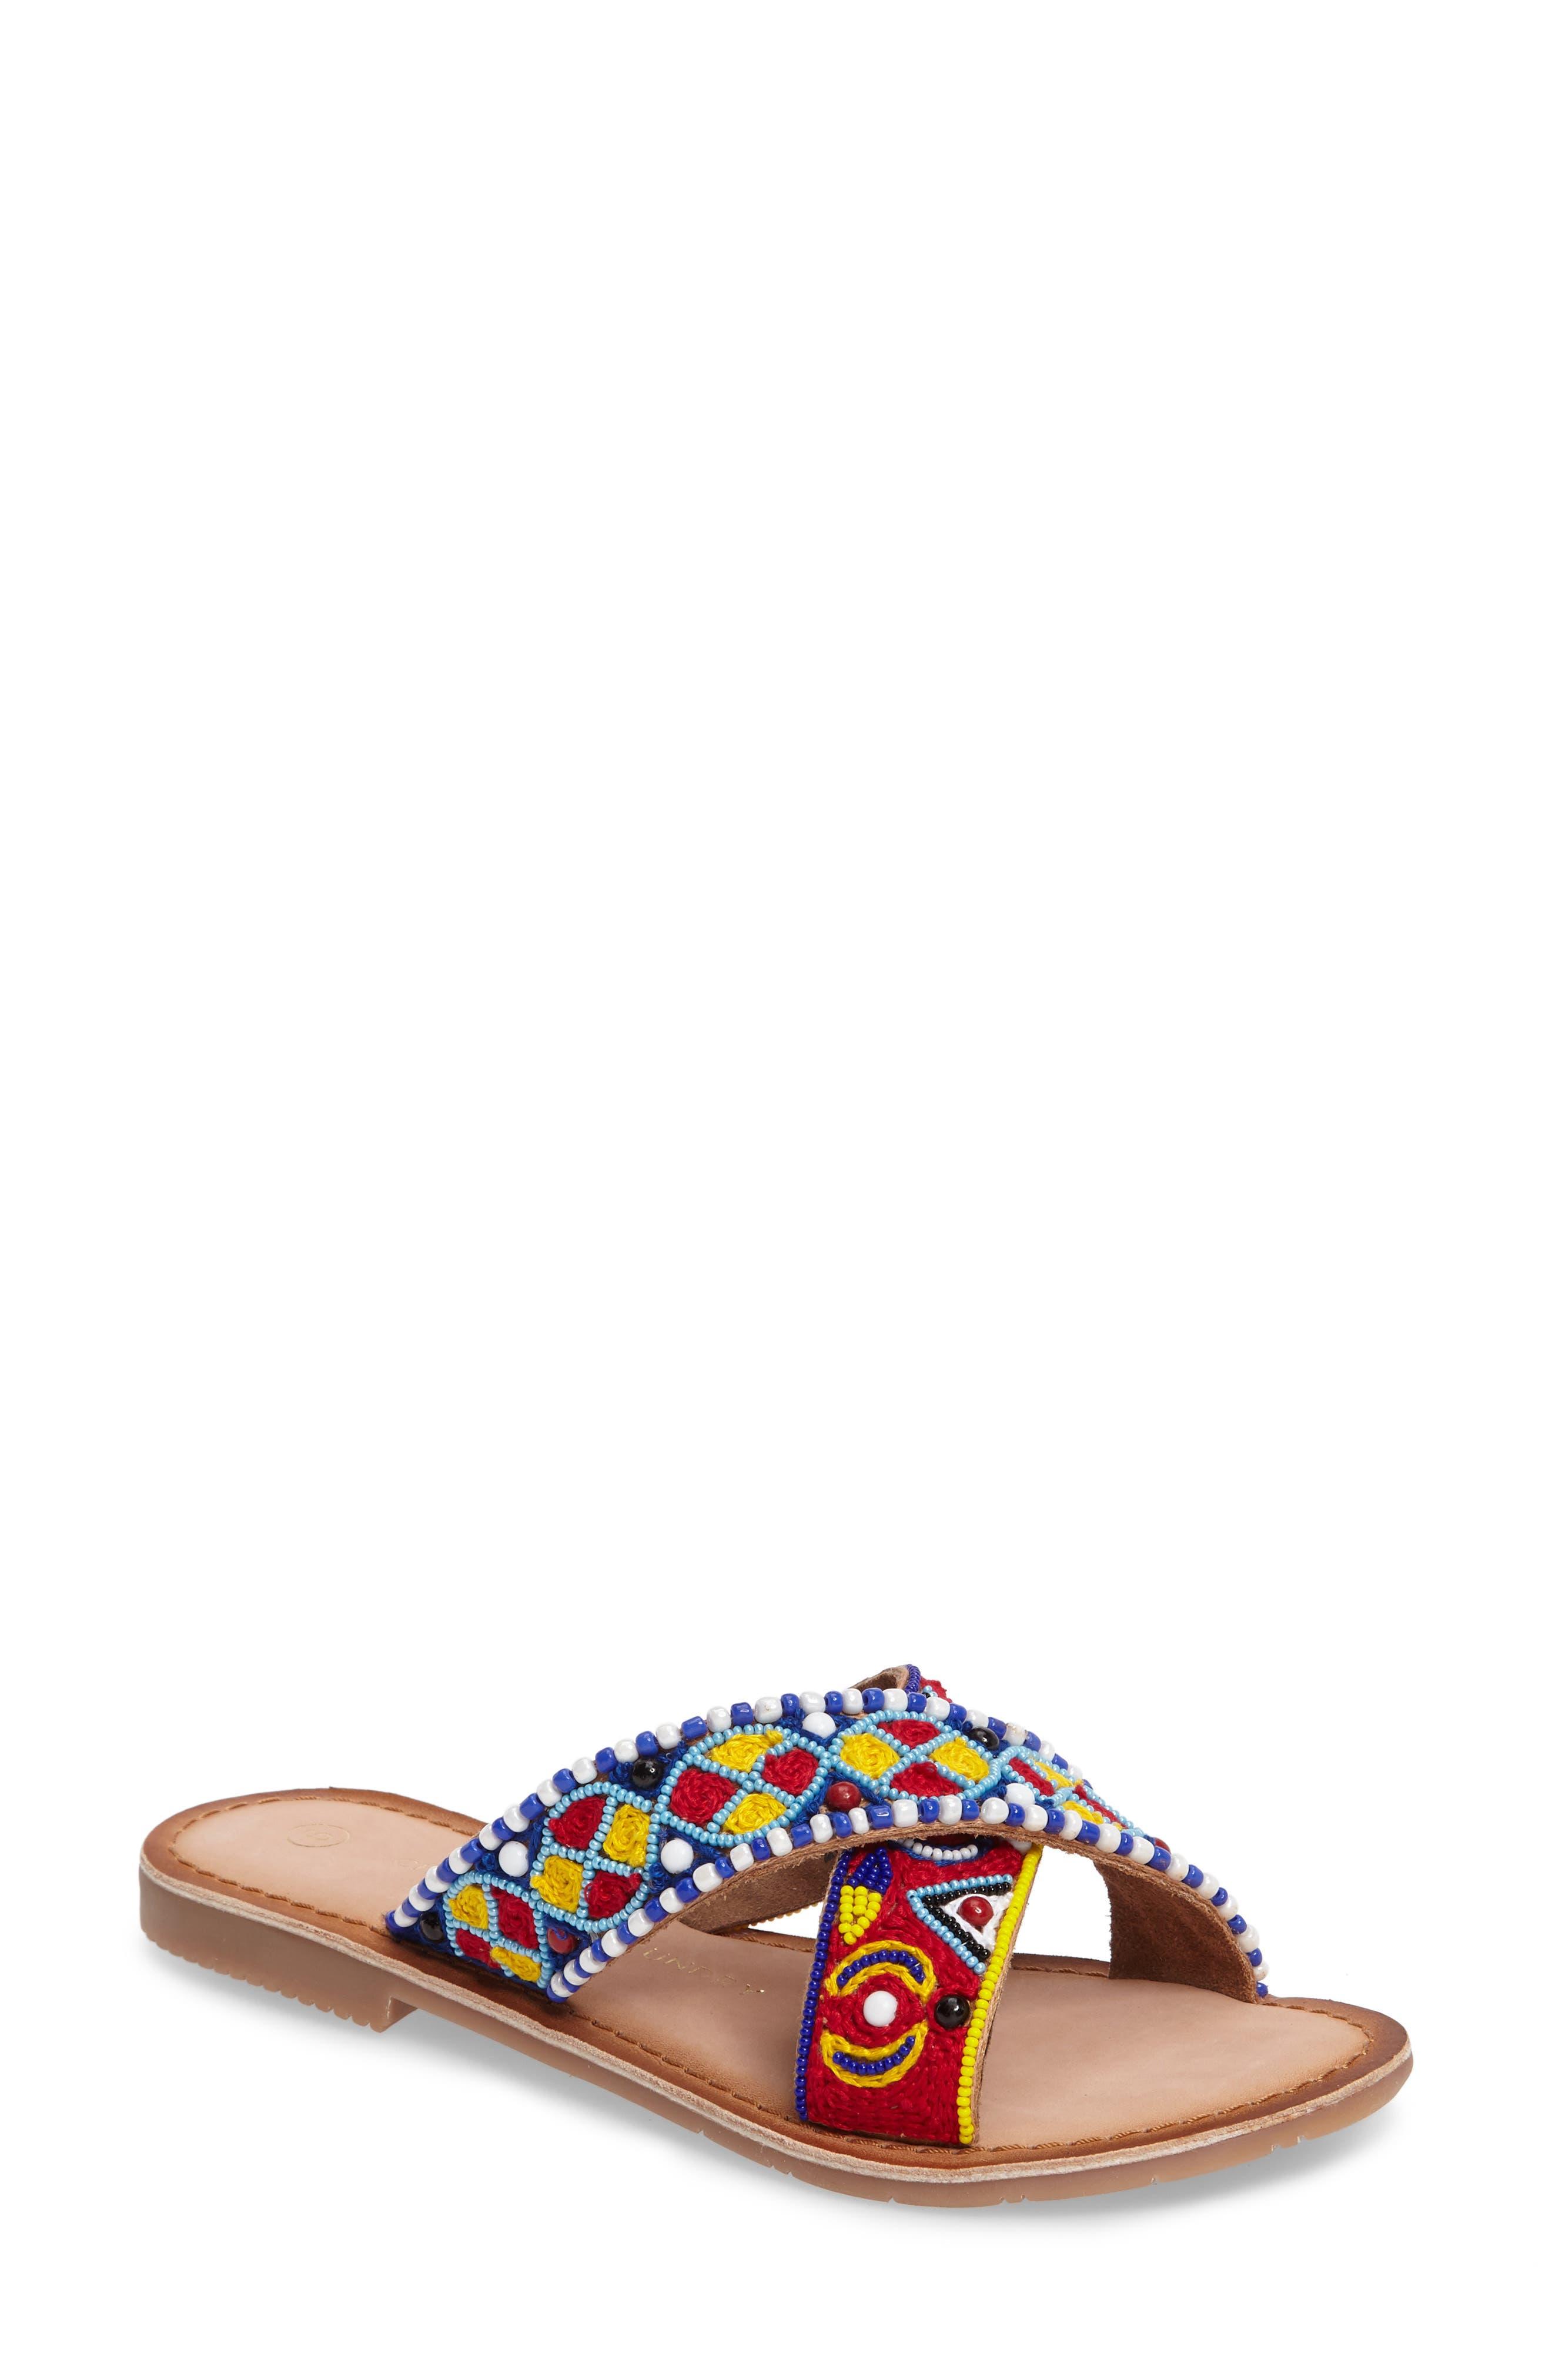 Purfect Slide Sandal,                         Main,                         color, Cognac